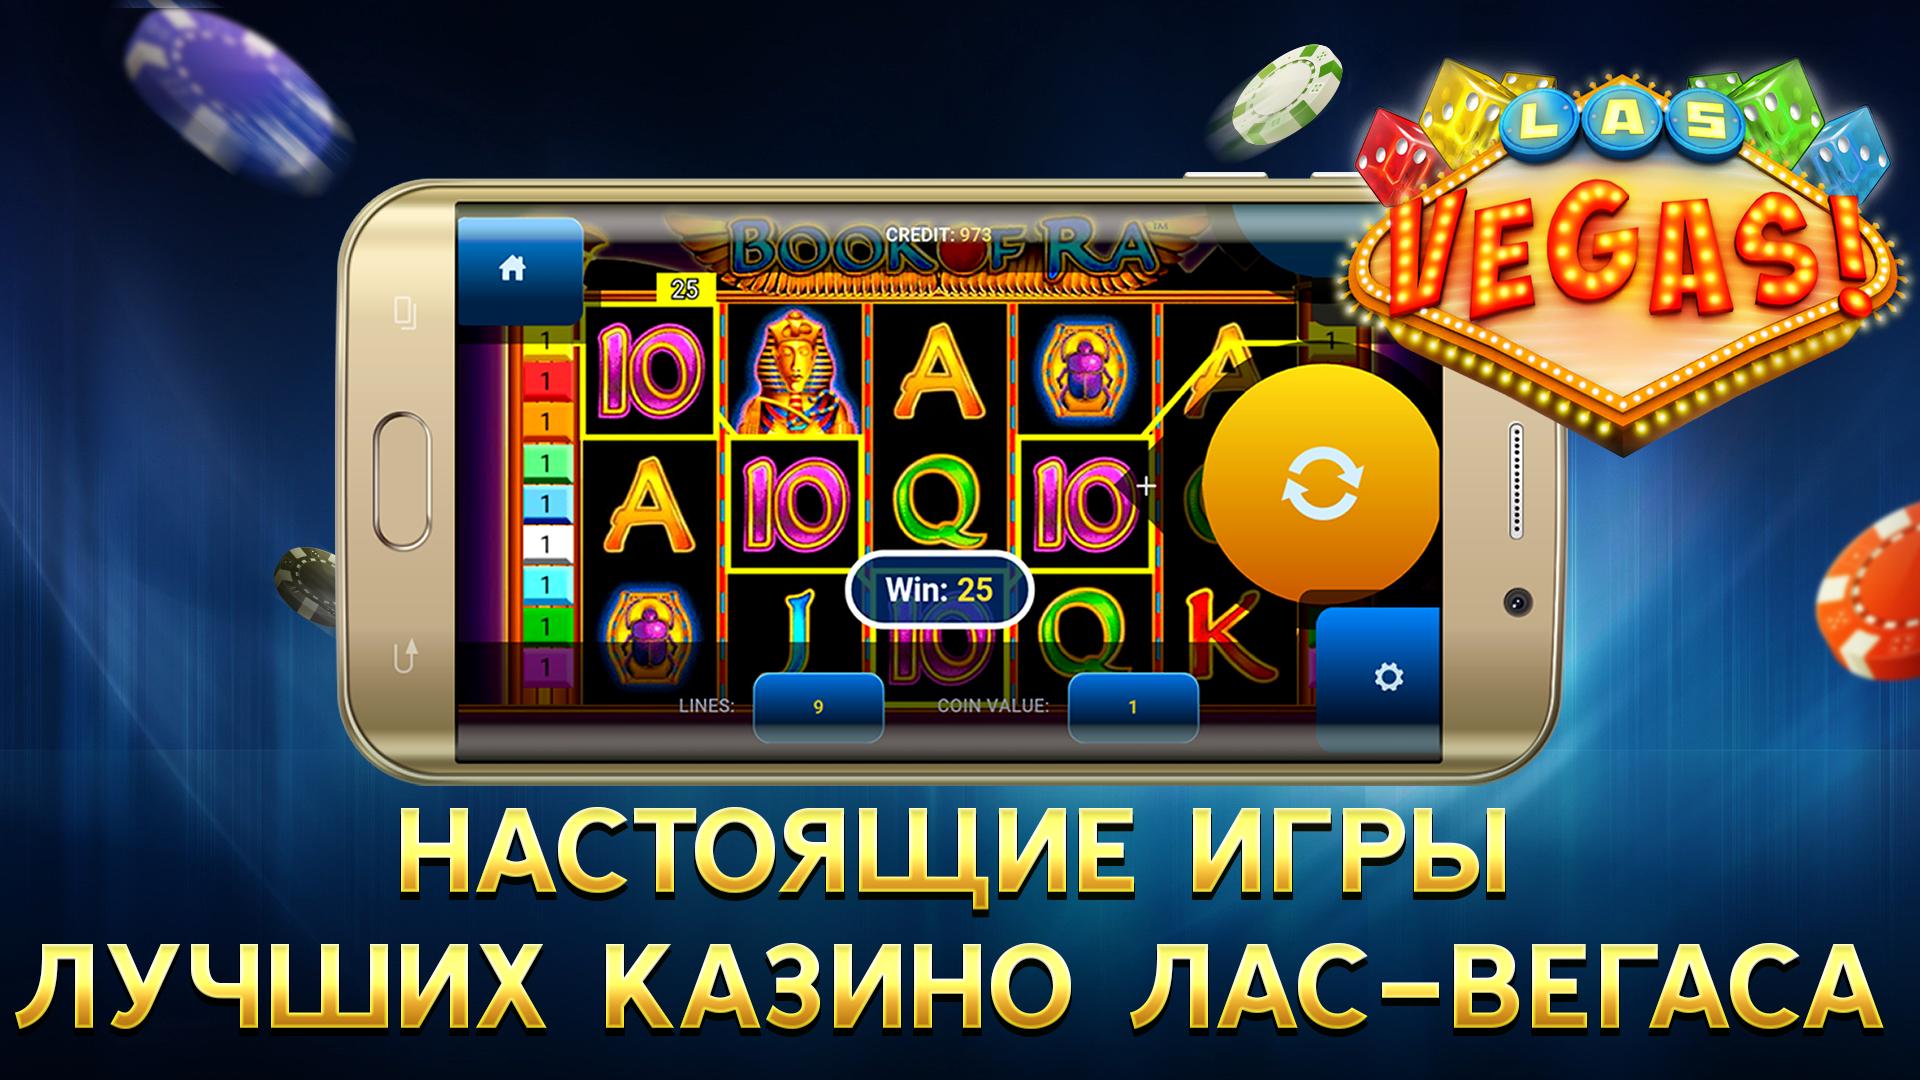 Приложение казино вулкан Илок загрузить Вулкан играть на телефон Онстантиновск скачать